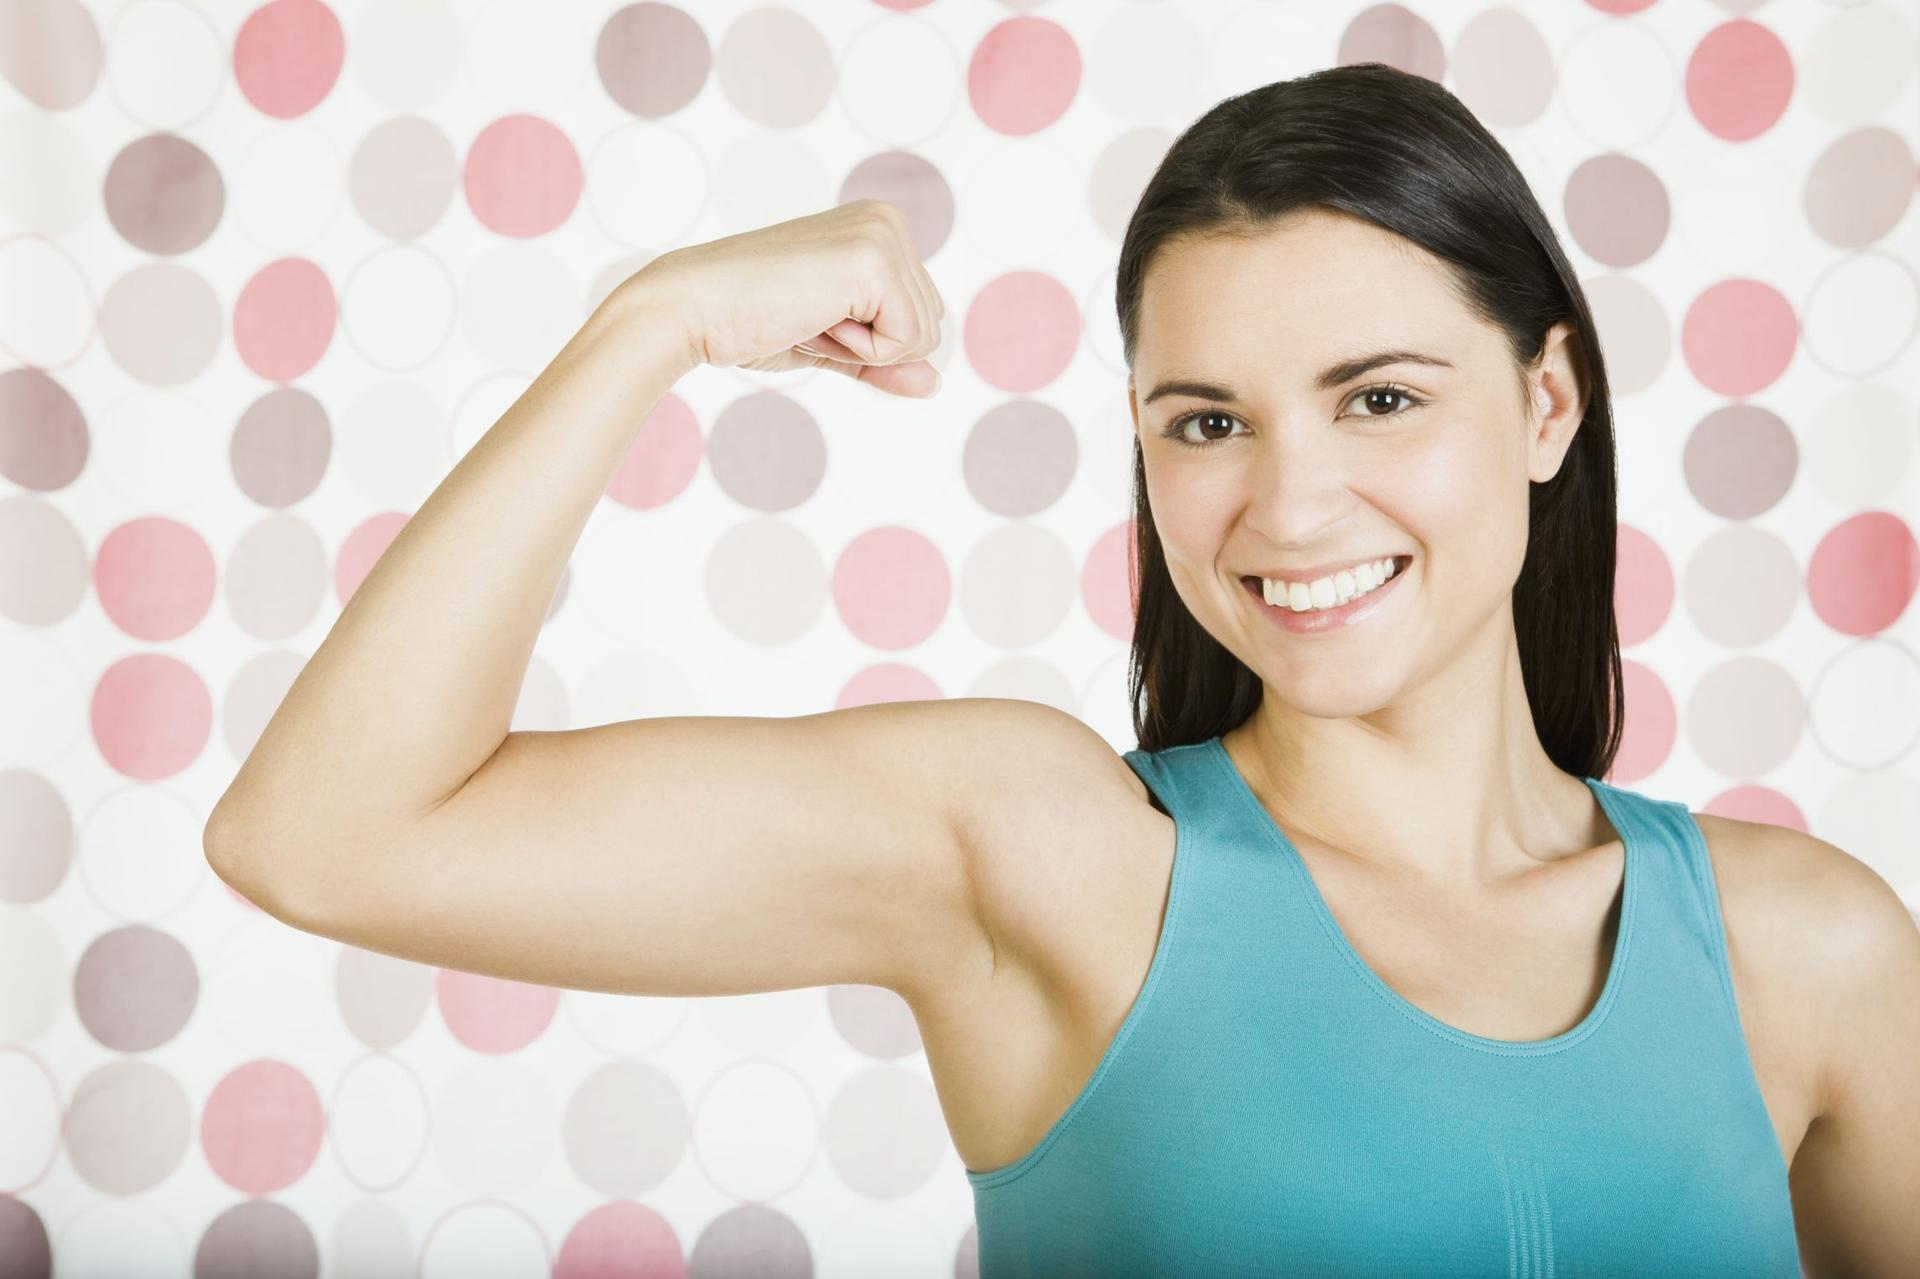 Похудение Рук Фото. Как похудеть в руках и в плечах